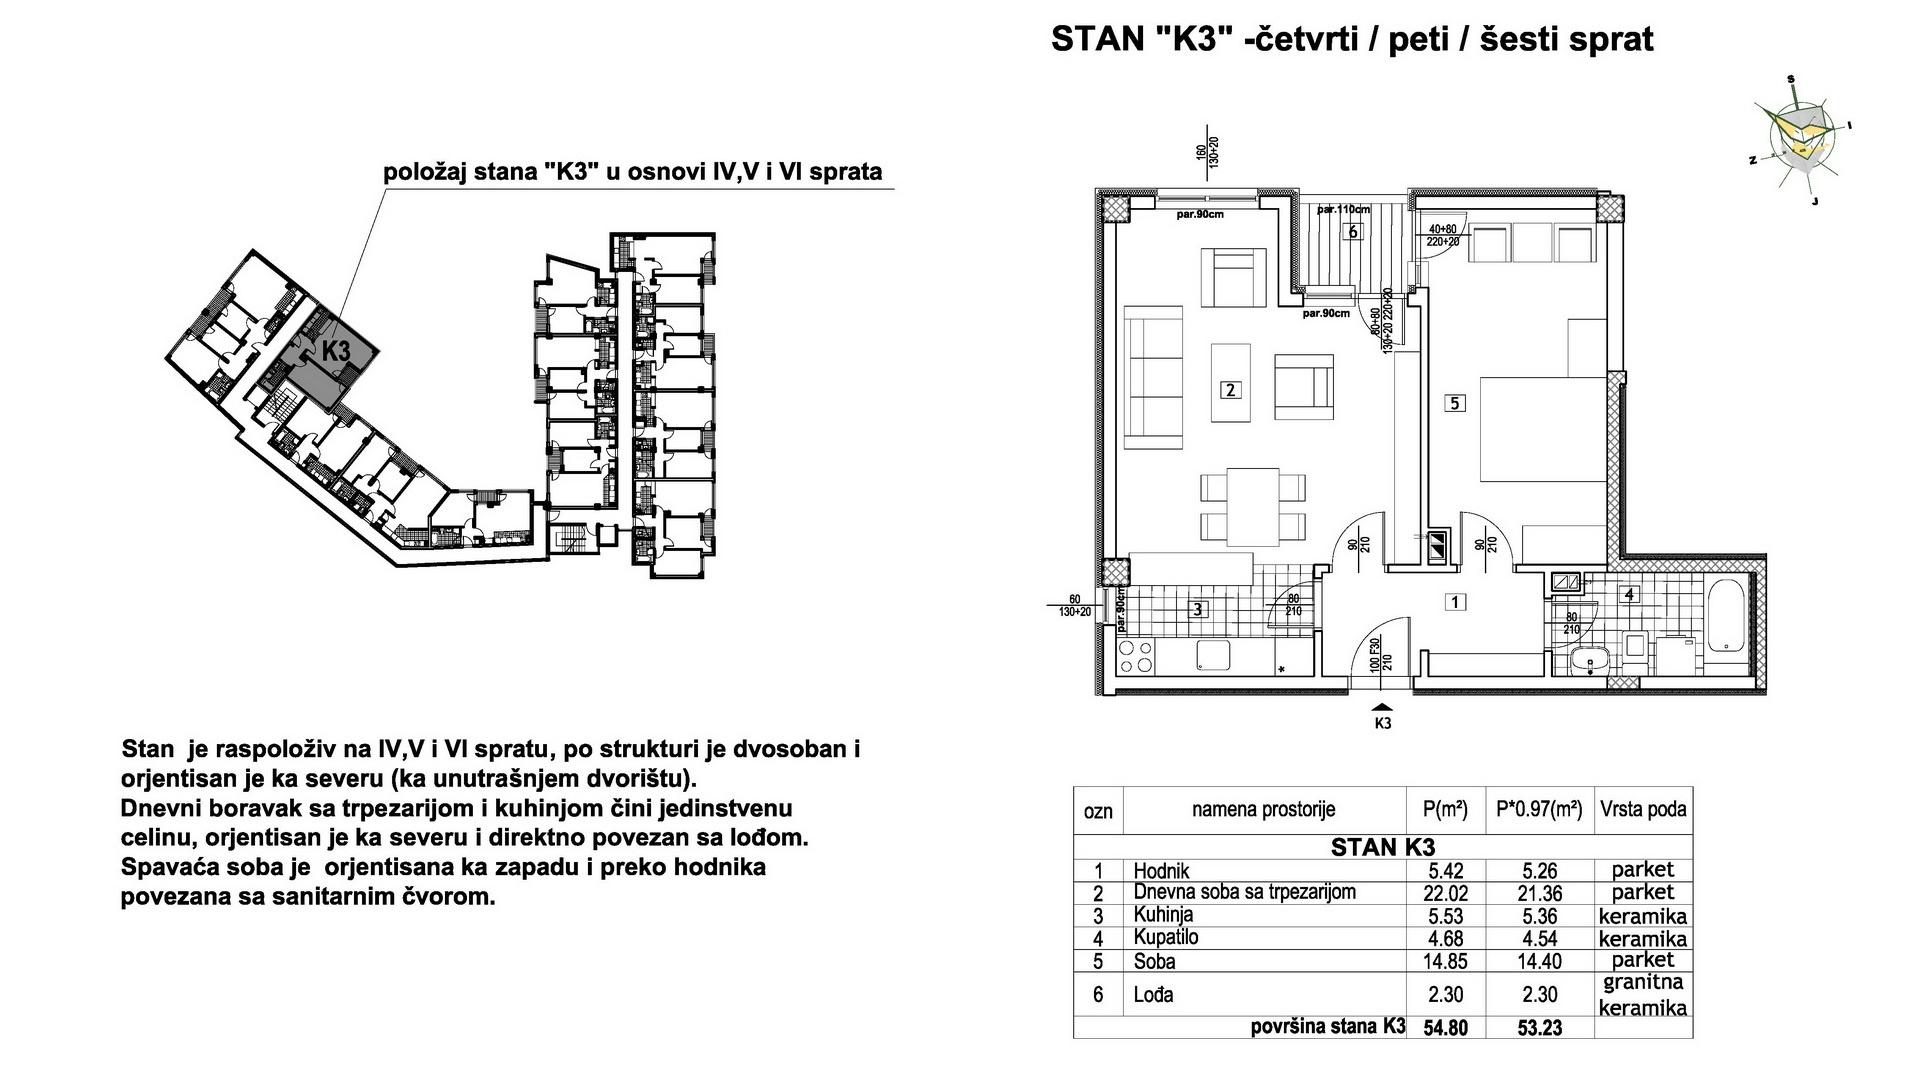 Objekat u Prešernovoj bb - Stan K3